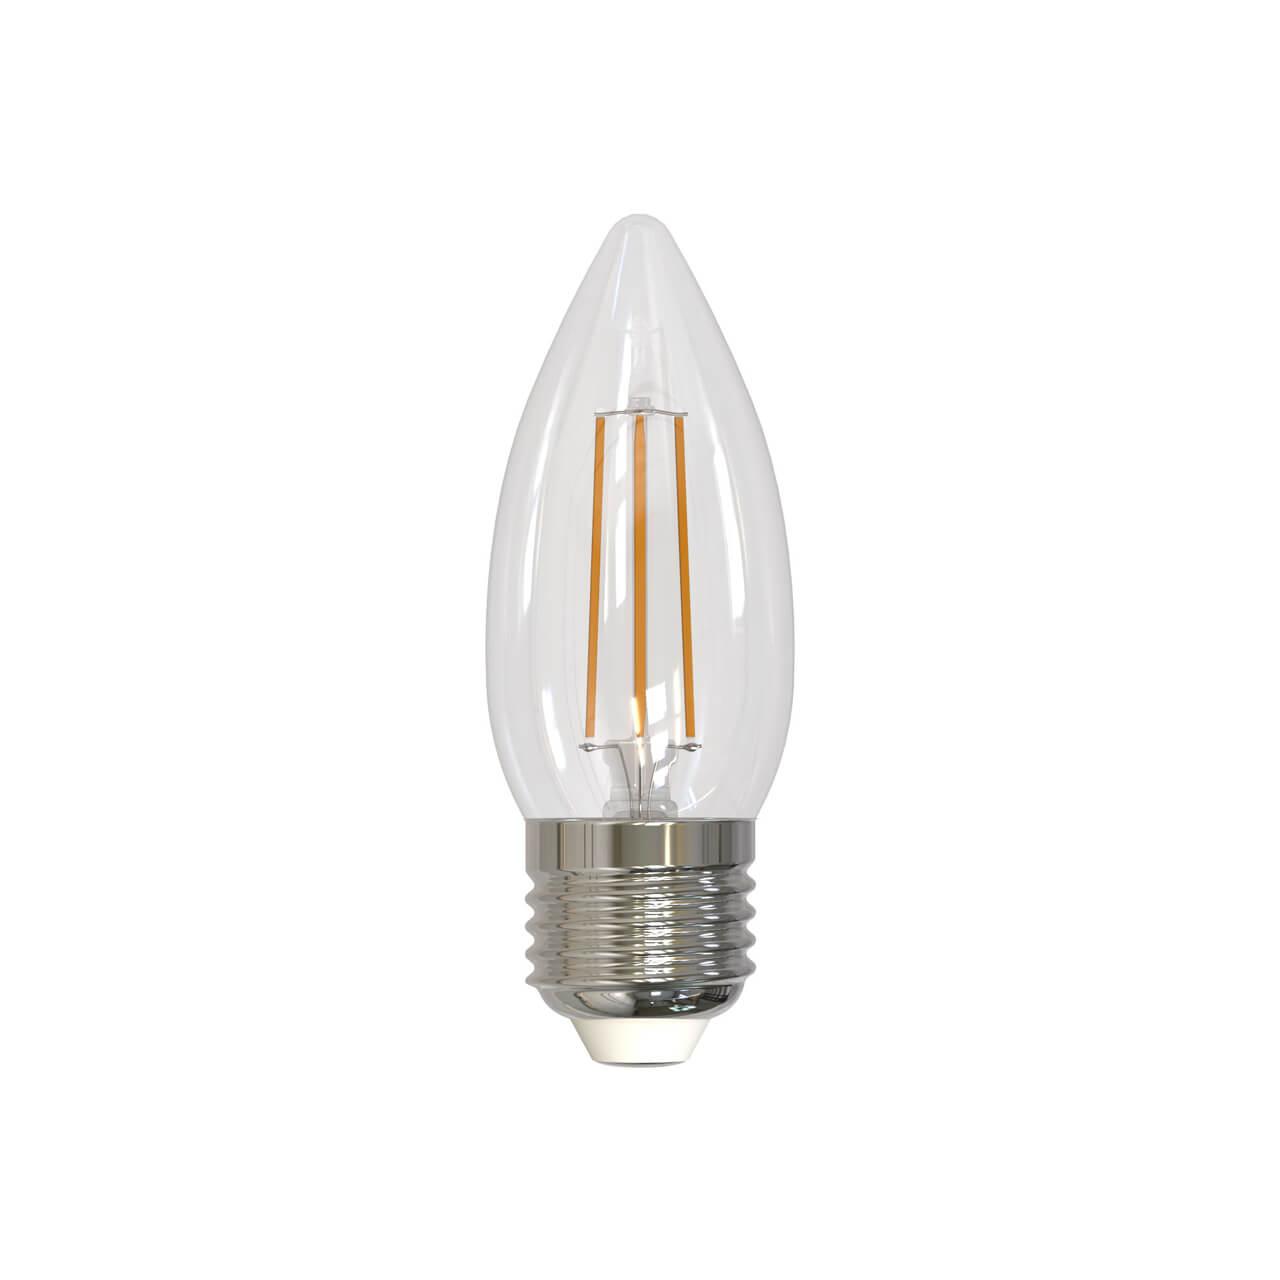 цены Лампа светодиодная филаментная (UL-00005162) Uniel E27 9W 3000K прозрачная LED-C35-9W/3000K/E27/CL PLS02WH